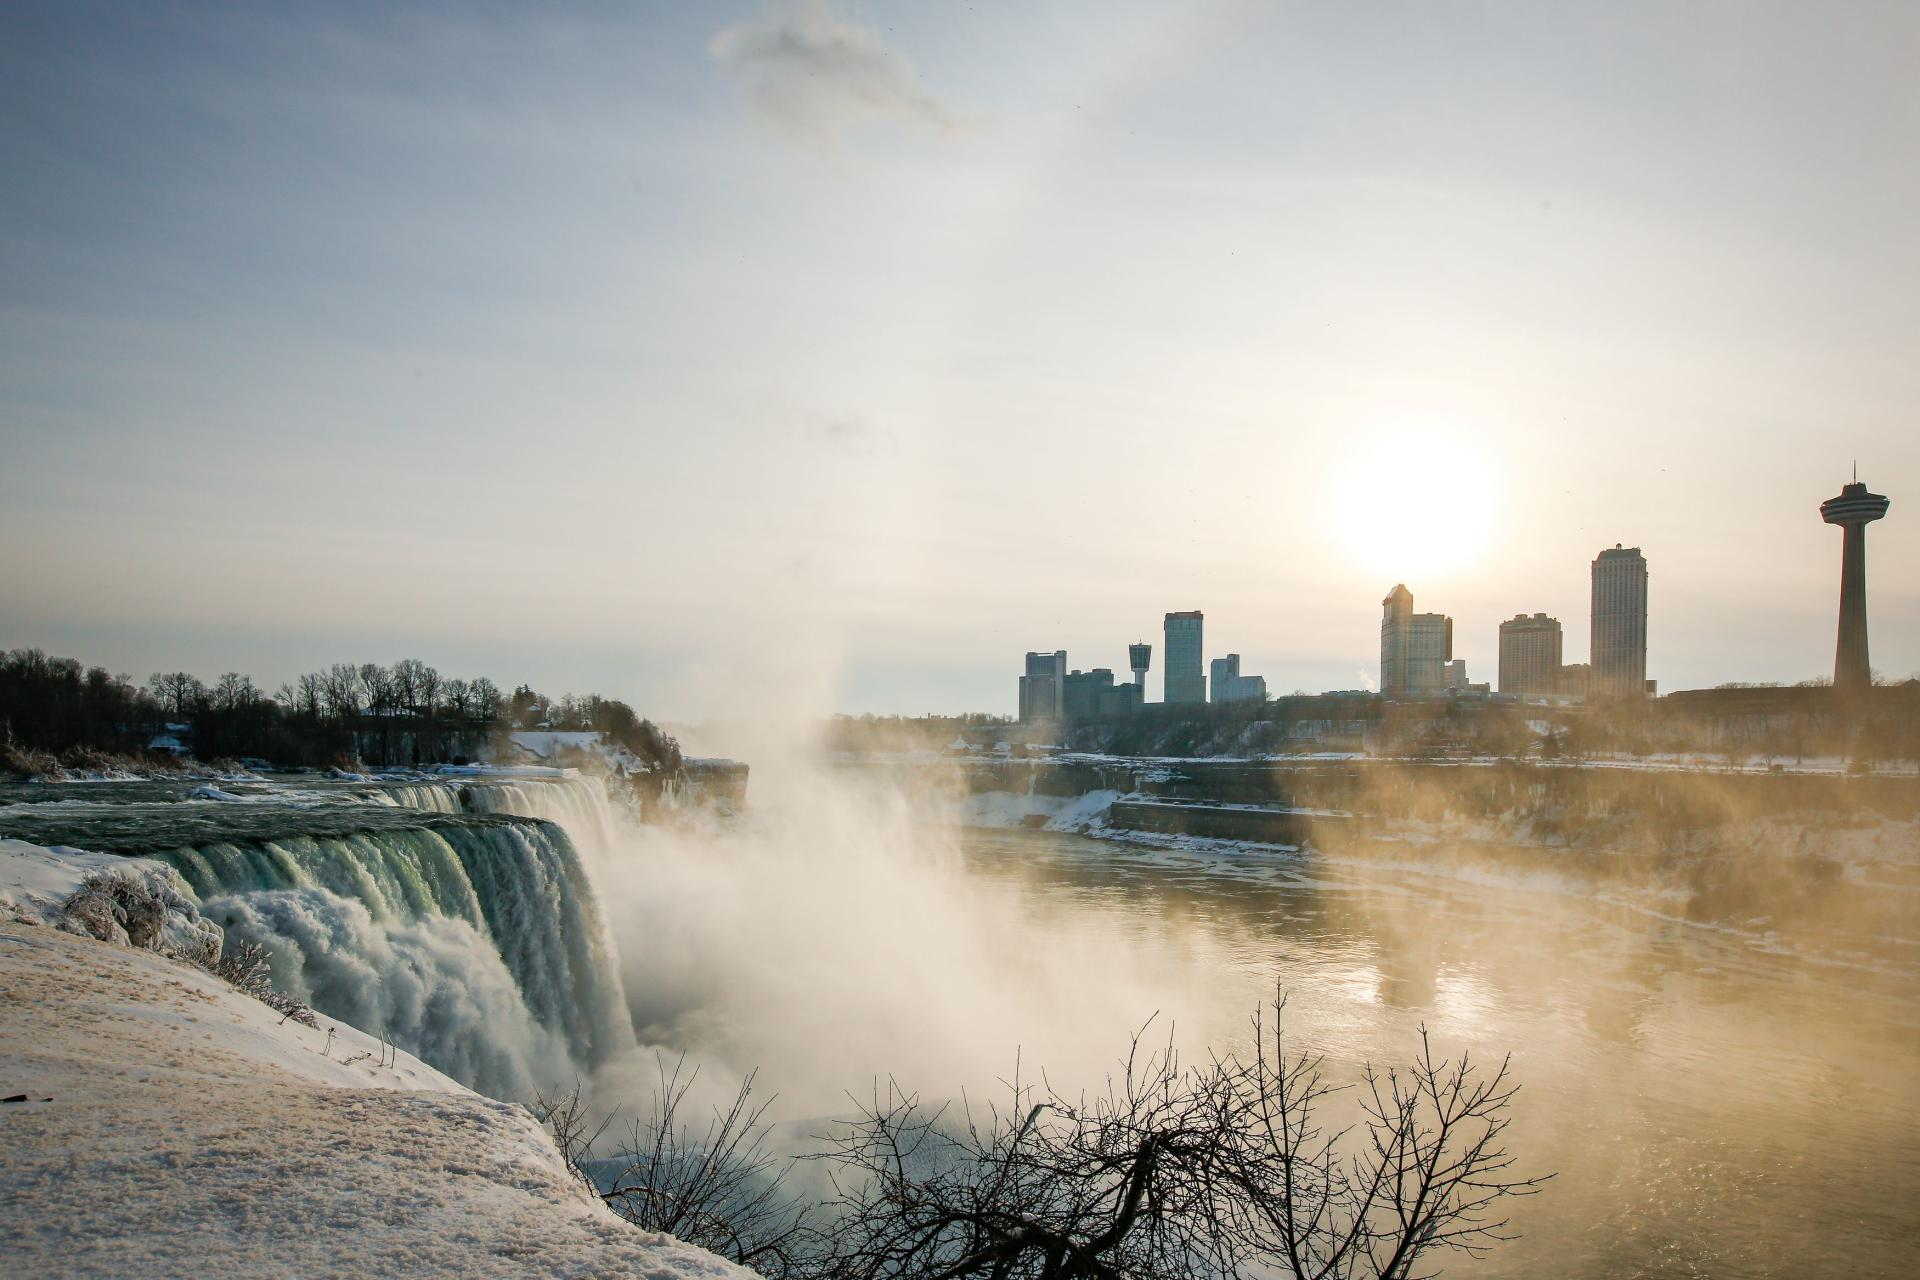 American Falls y Niagara Falls, EE. UU. El 21 de febrero de 2021.